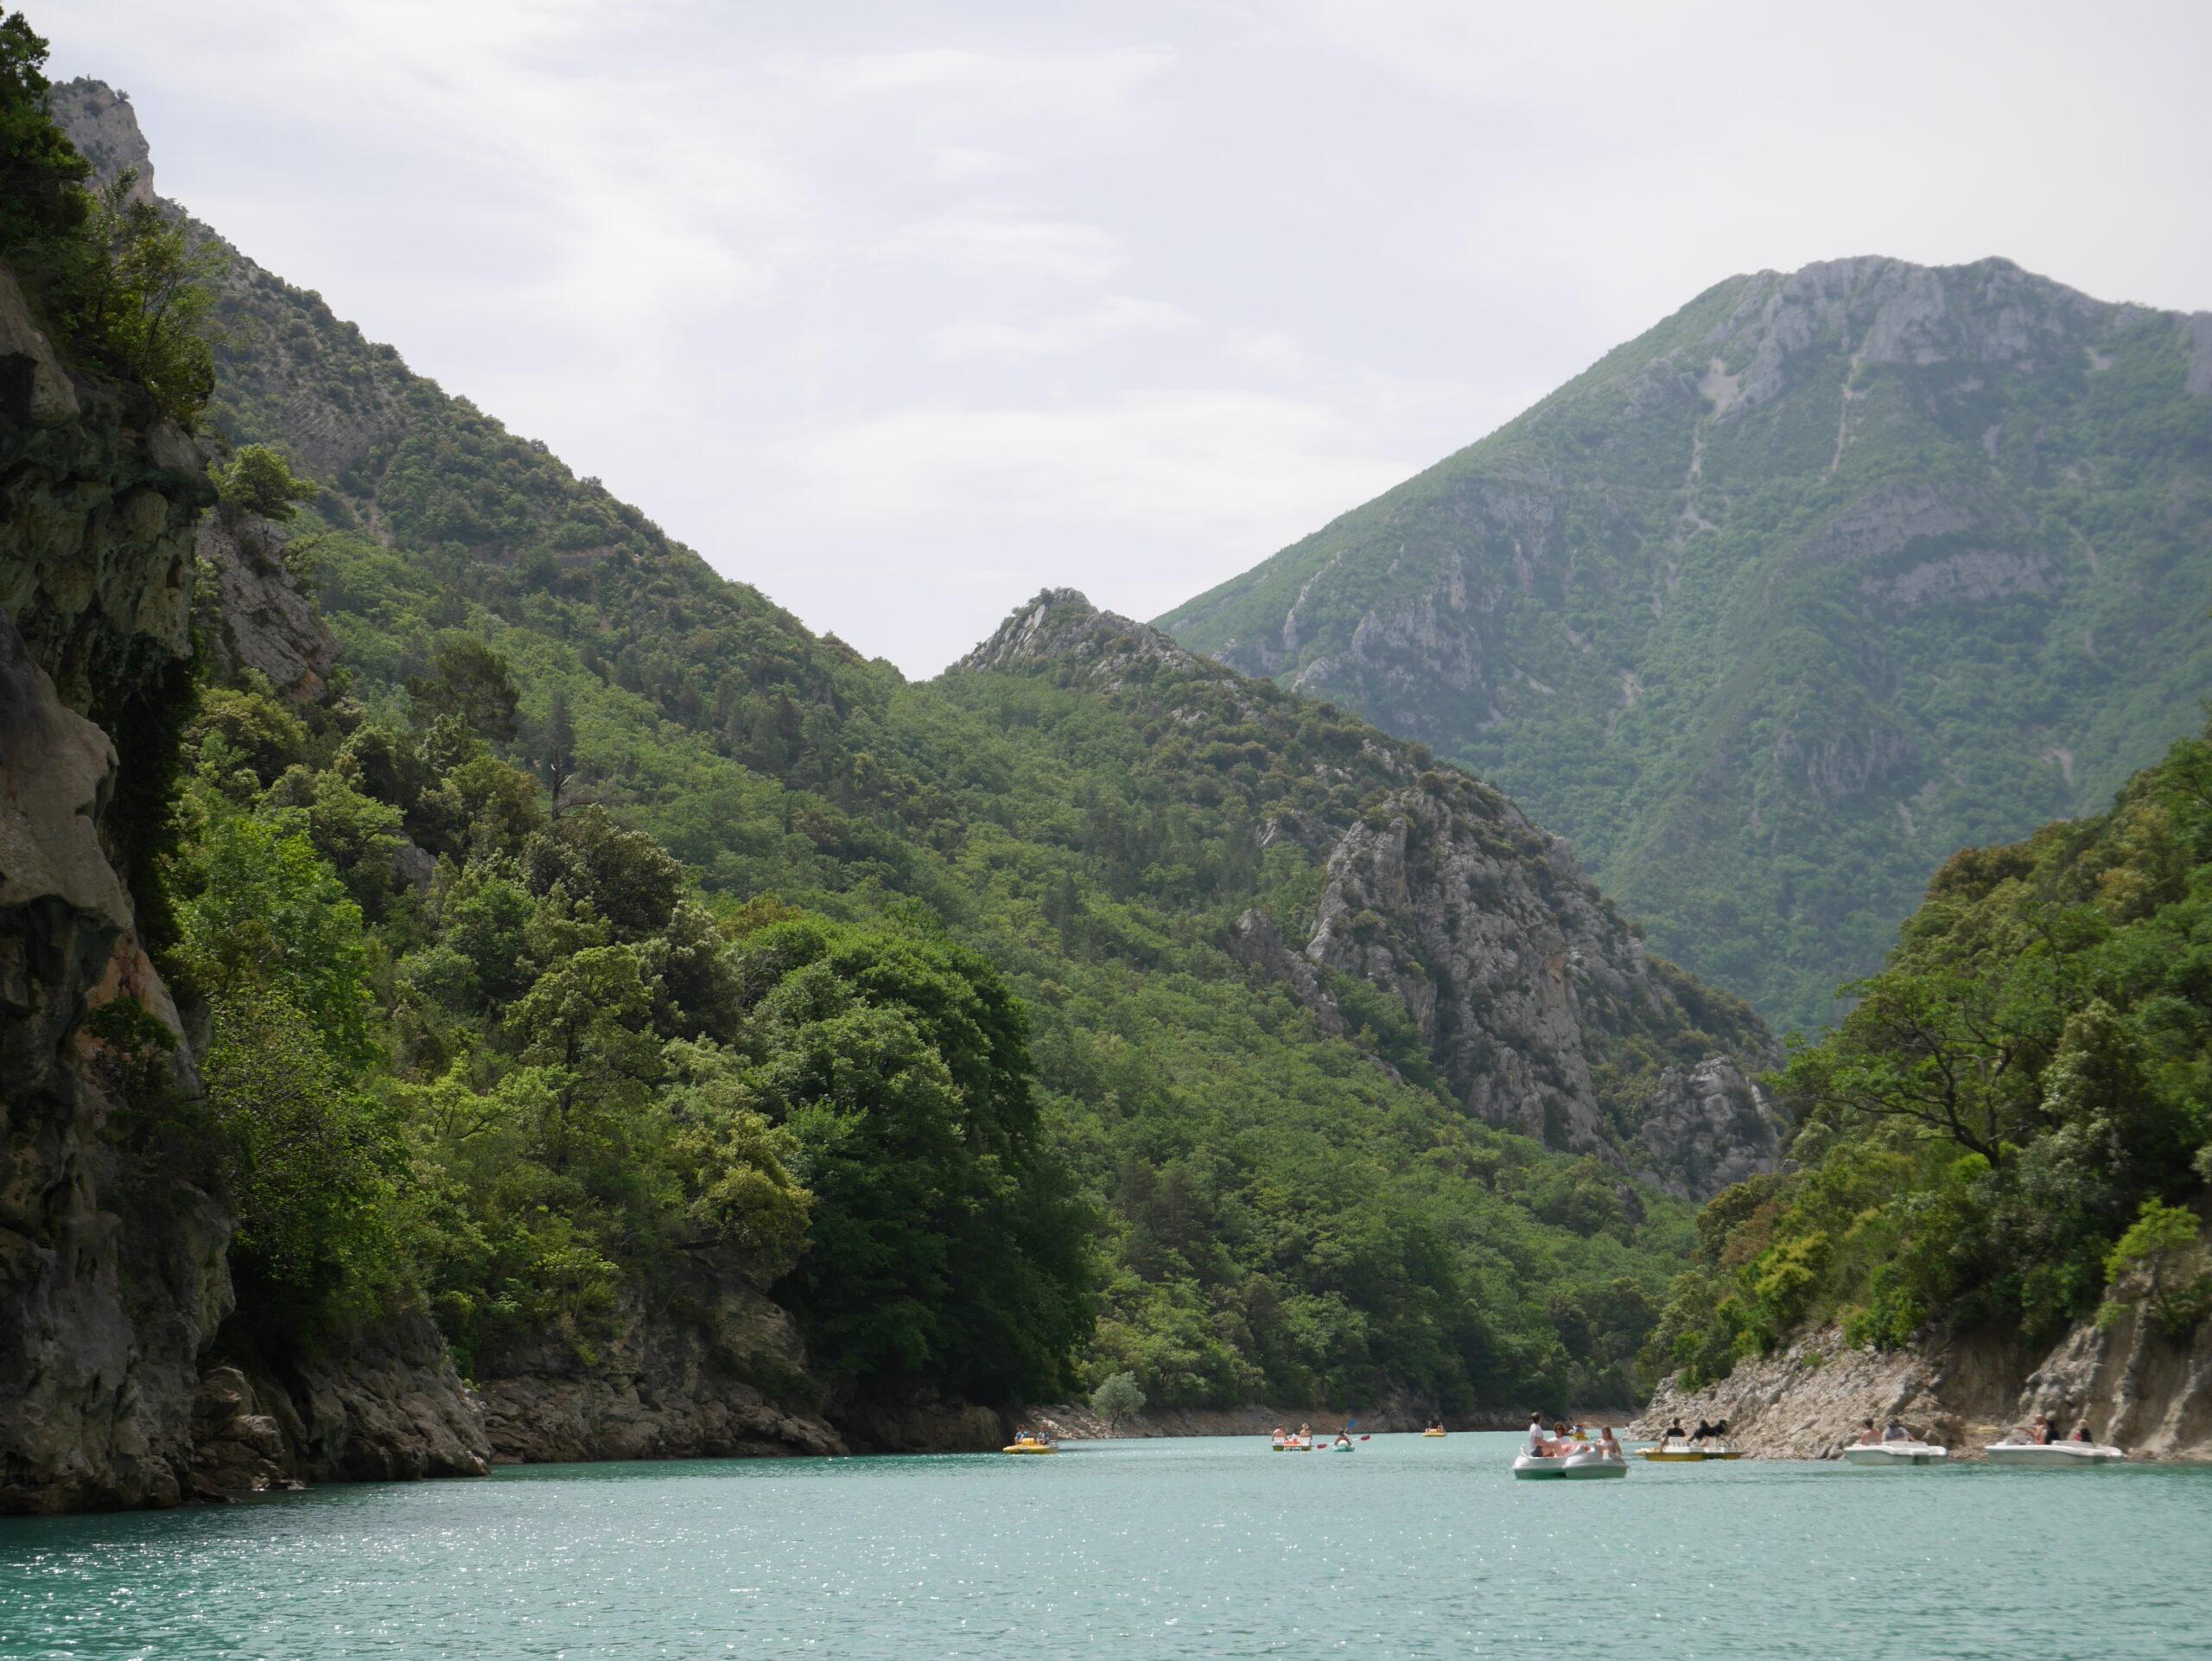 Gorges du Verdon - Tourisme durable - Que faire dans le Verdon - Provence-Alpes-Côte-d'Azur